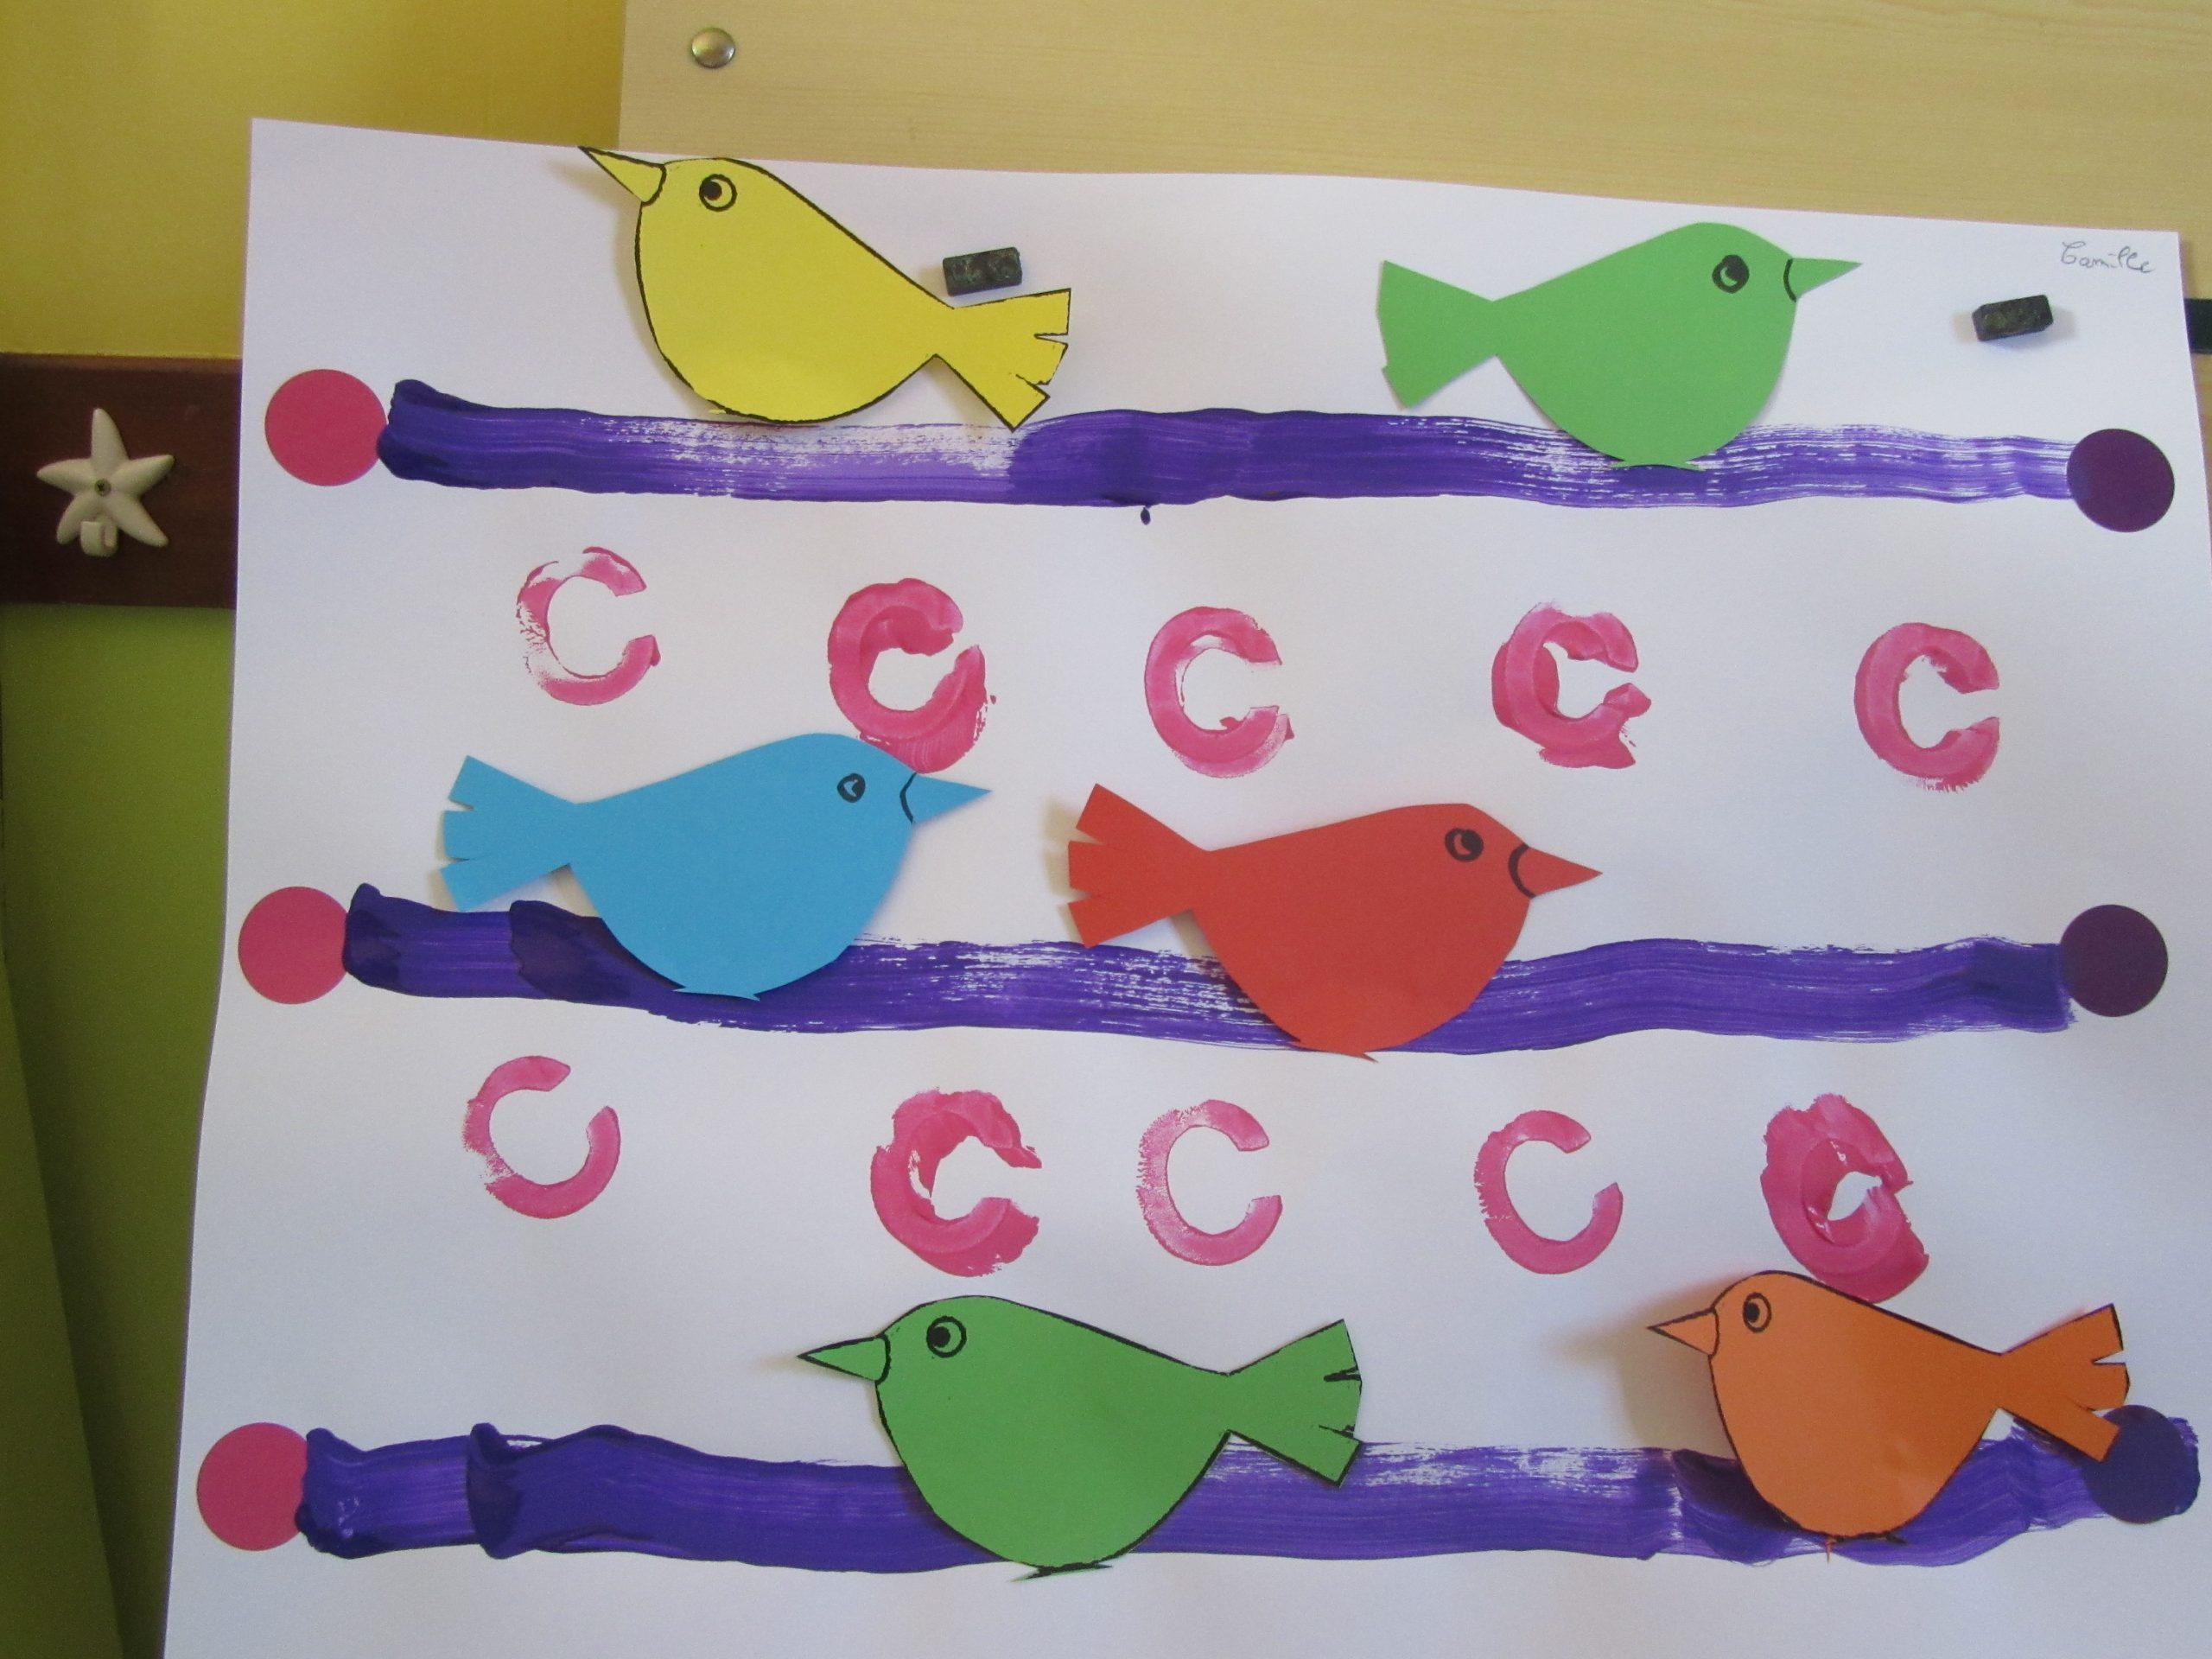 Exercices Graphisme Petite Section Maternelle intérieur Exercice Maternelle Petite Section Gratuit En Ligne